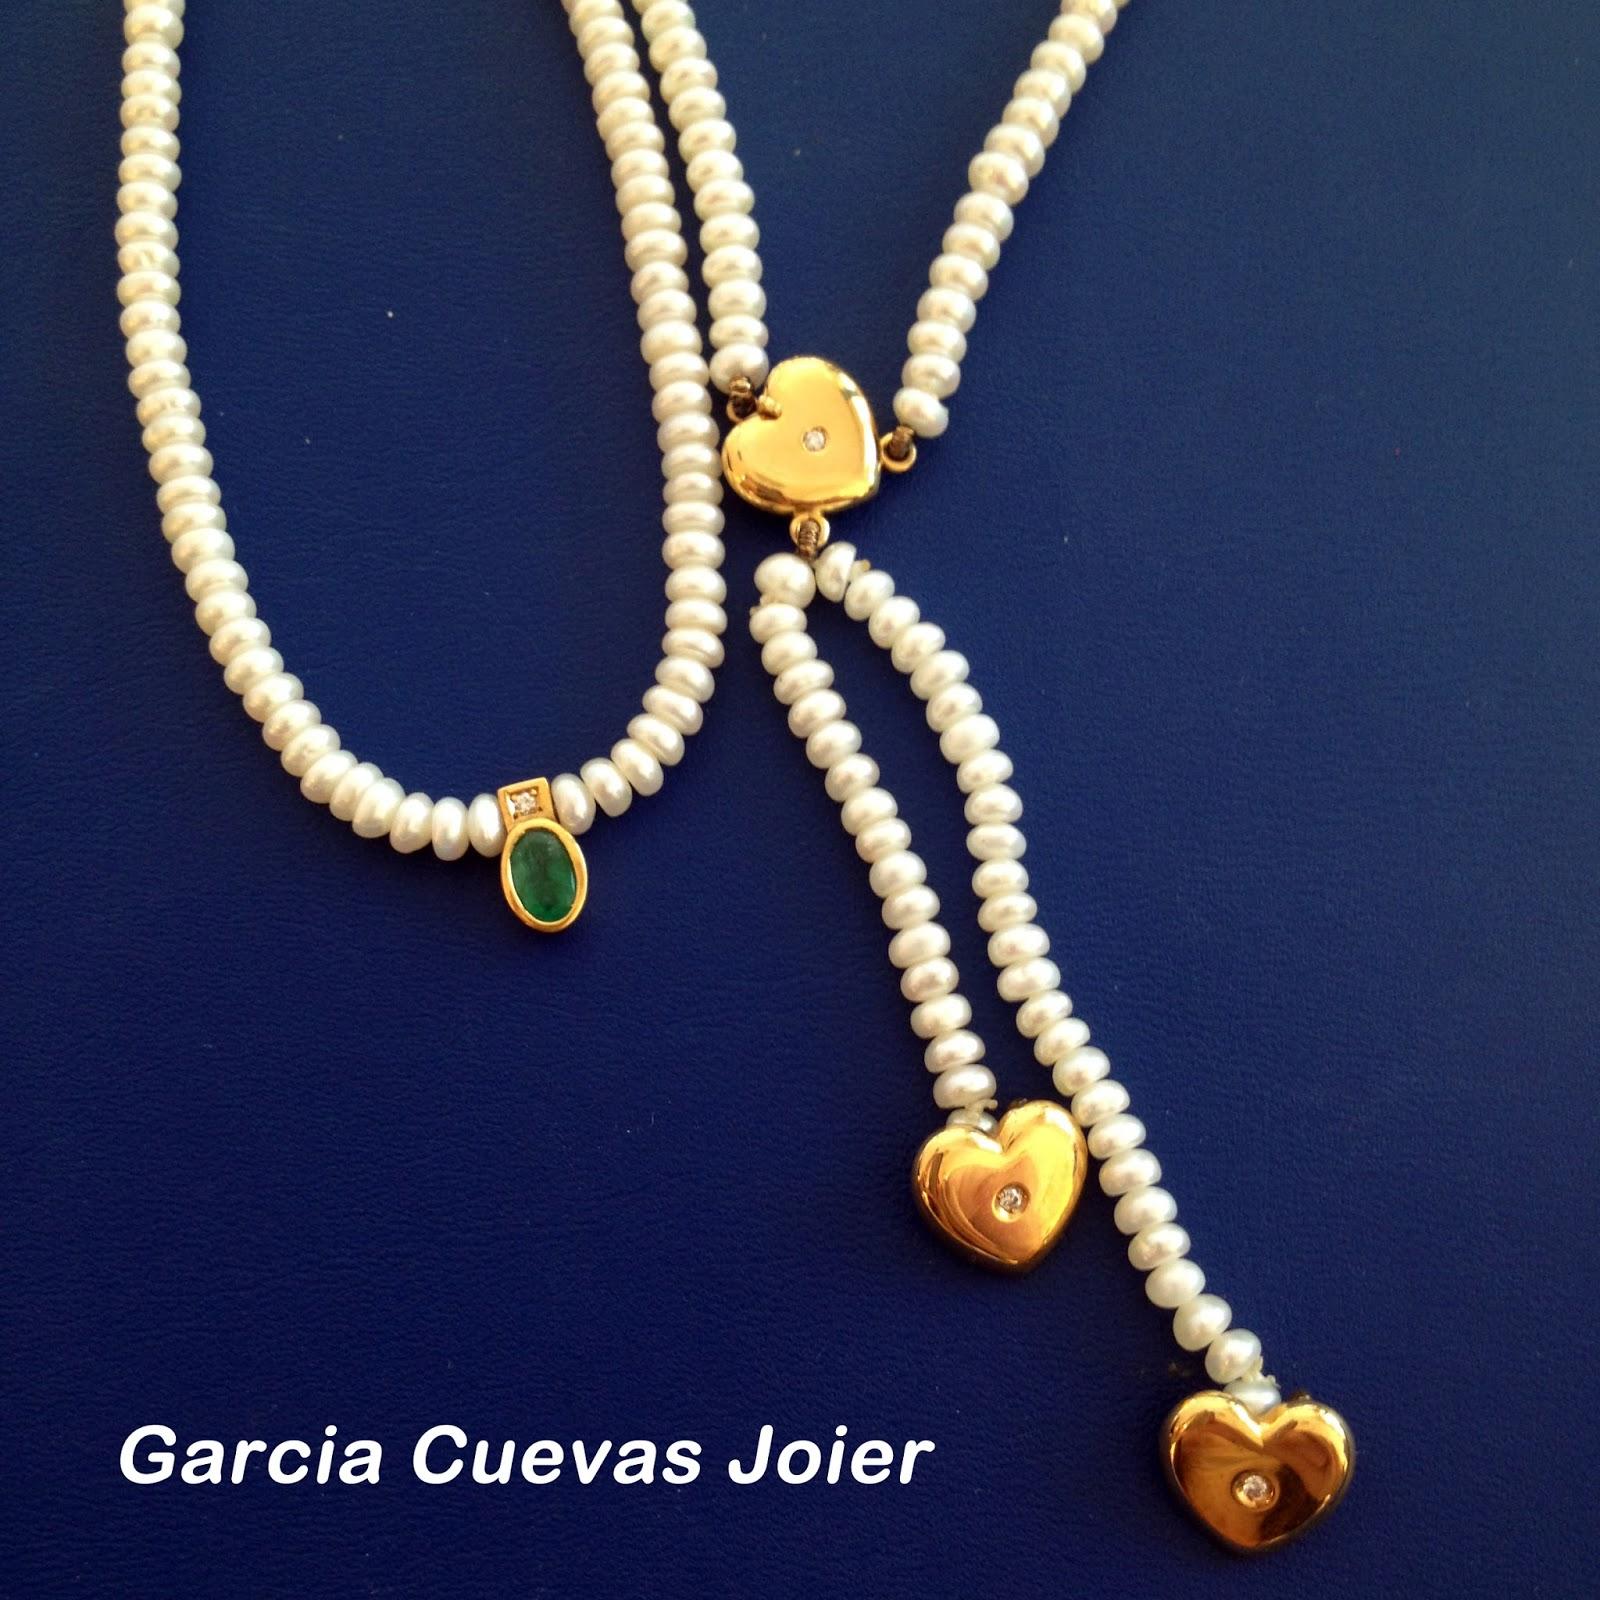 9bacb0f36f92 Si separas las joyas con perlas del resto de joyas evitas que se rayen.  Guárdalas en su propio estuche o en bolsitas aterciopeladas y suaves